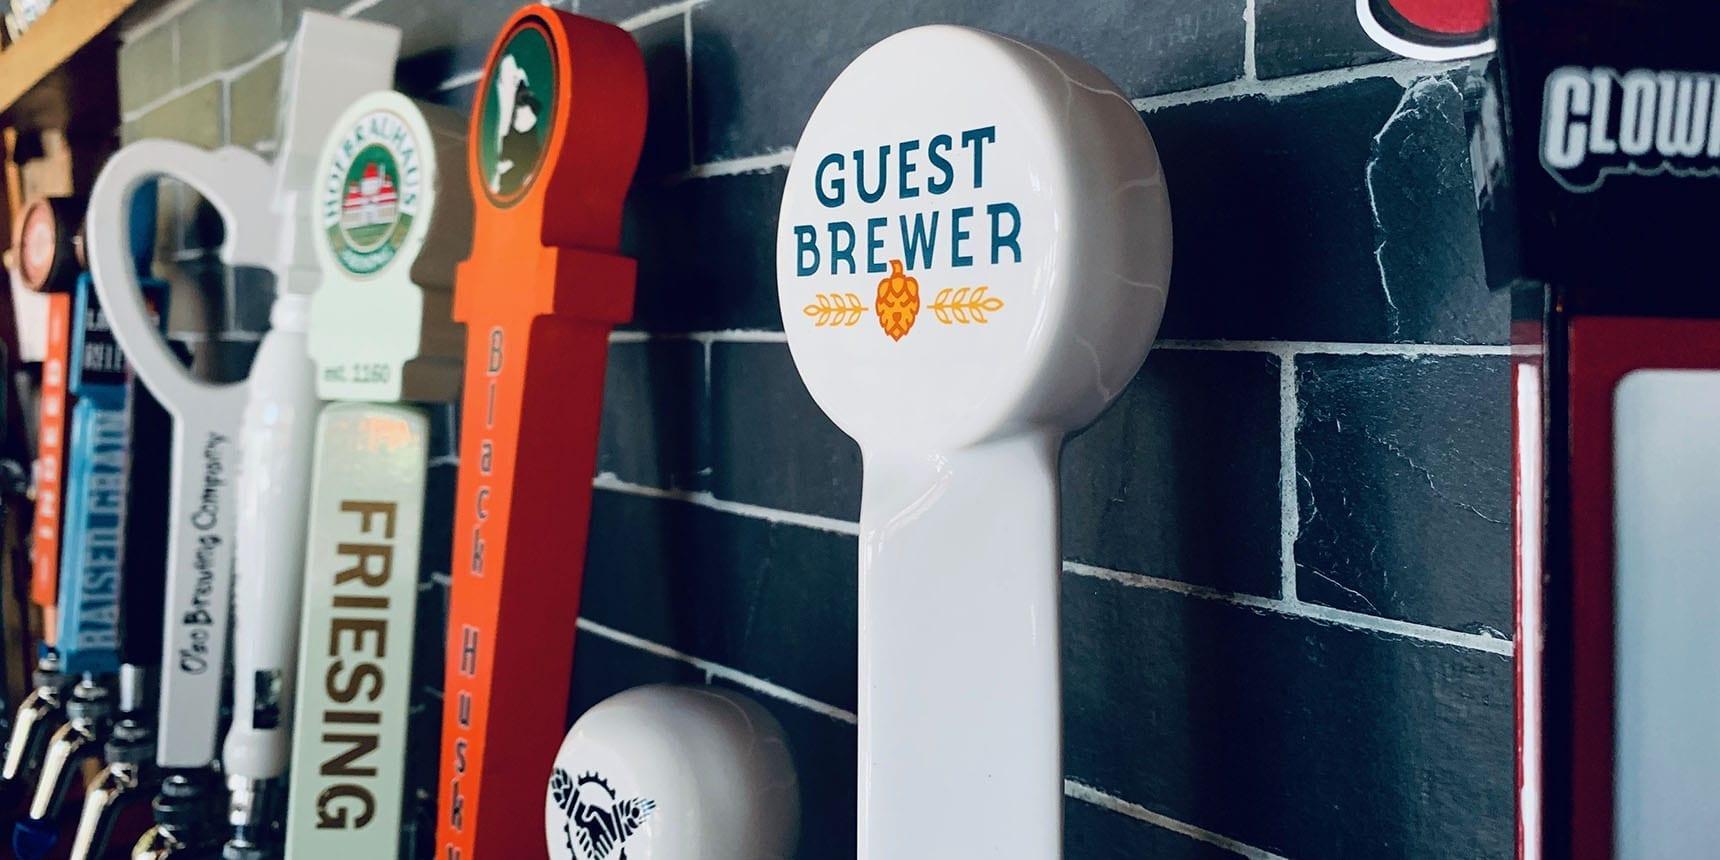 Brew Pipeline - Guest Brewer Program - Utah Beer News - Featured